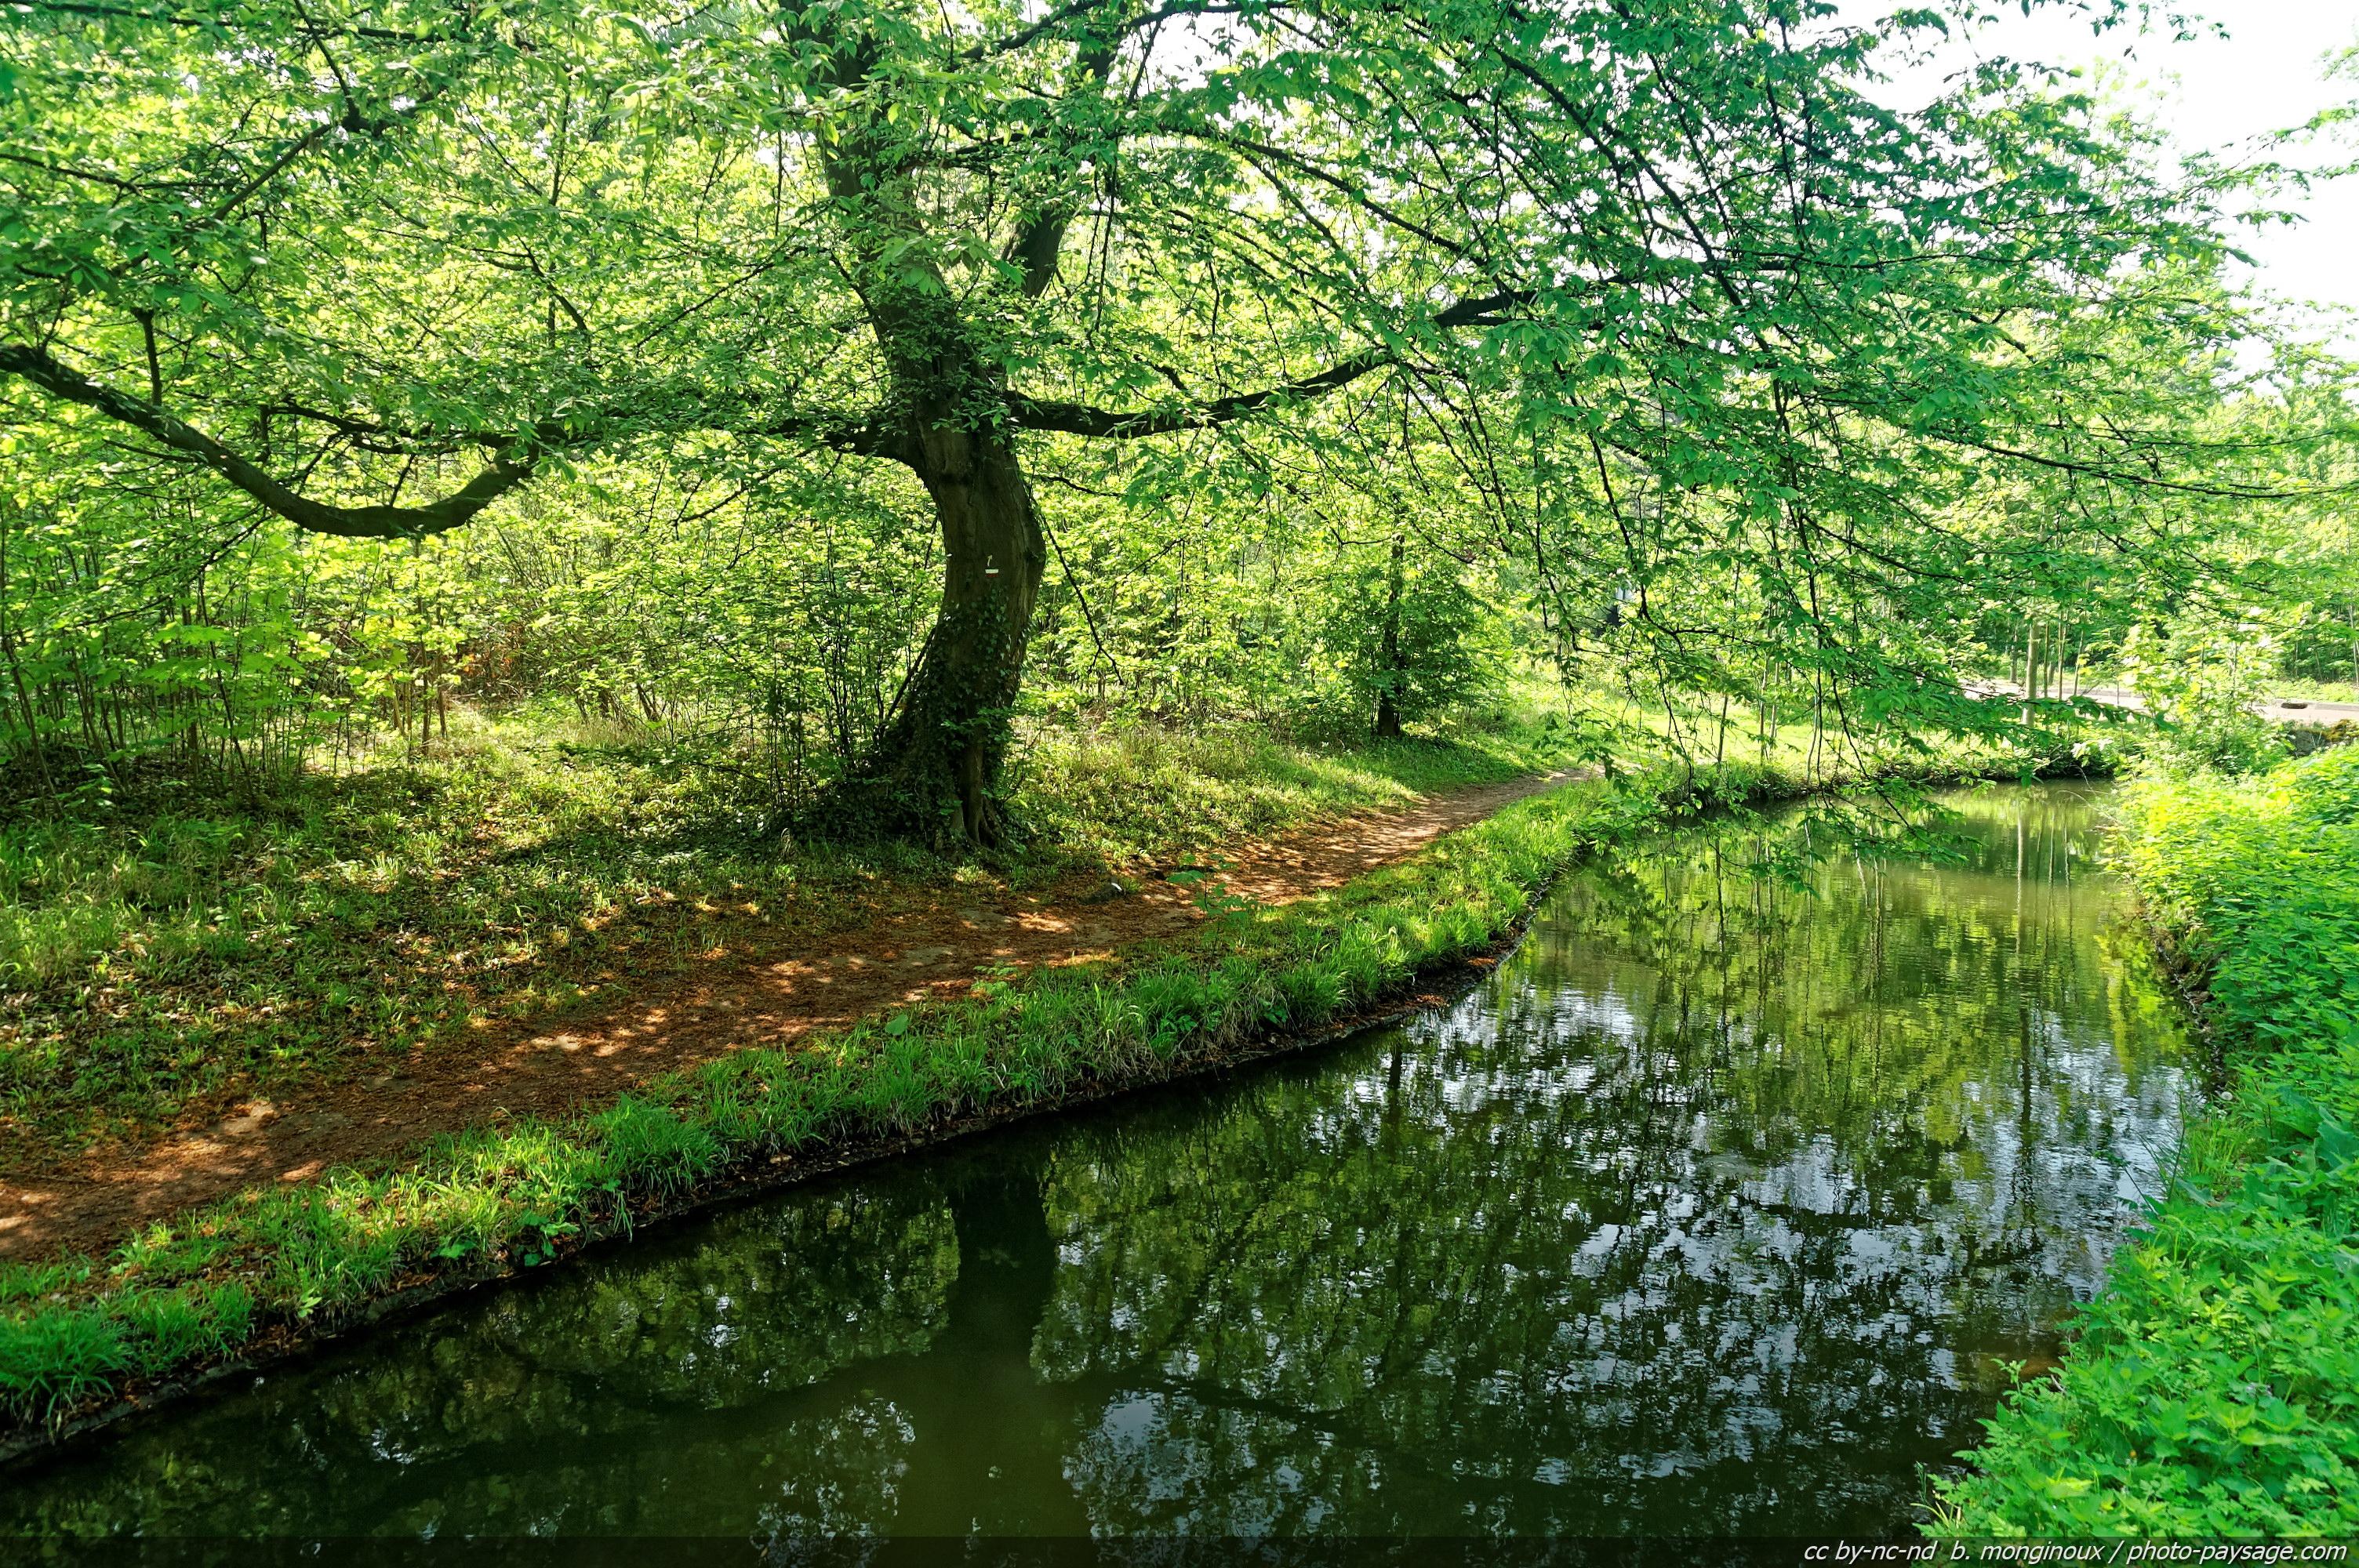 Image Bois De Boulogne : photos de paysages les for?ts bois de boulogne photo 13 24 annonces